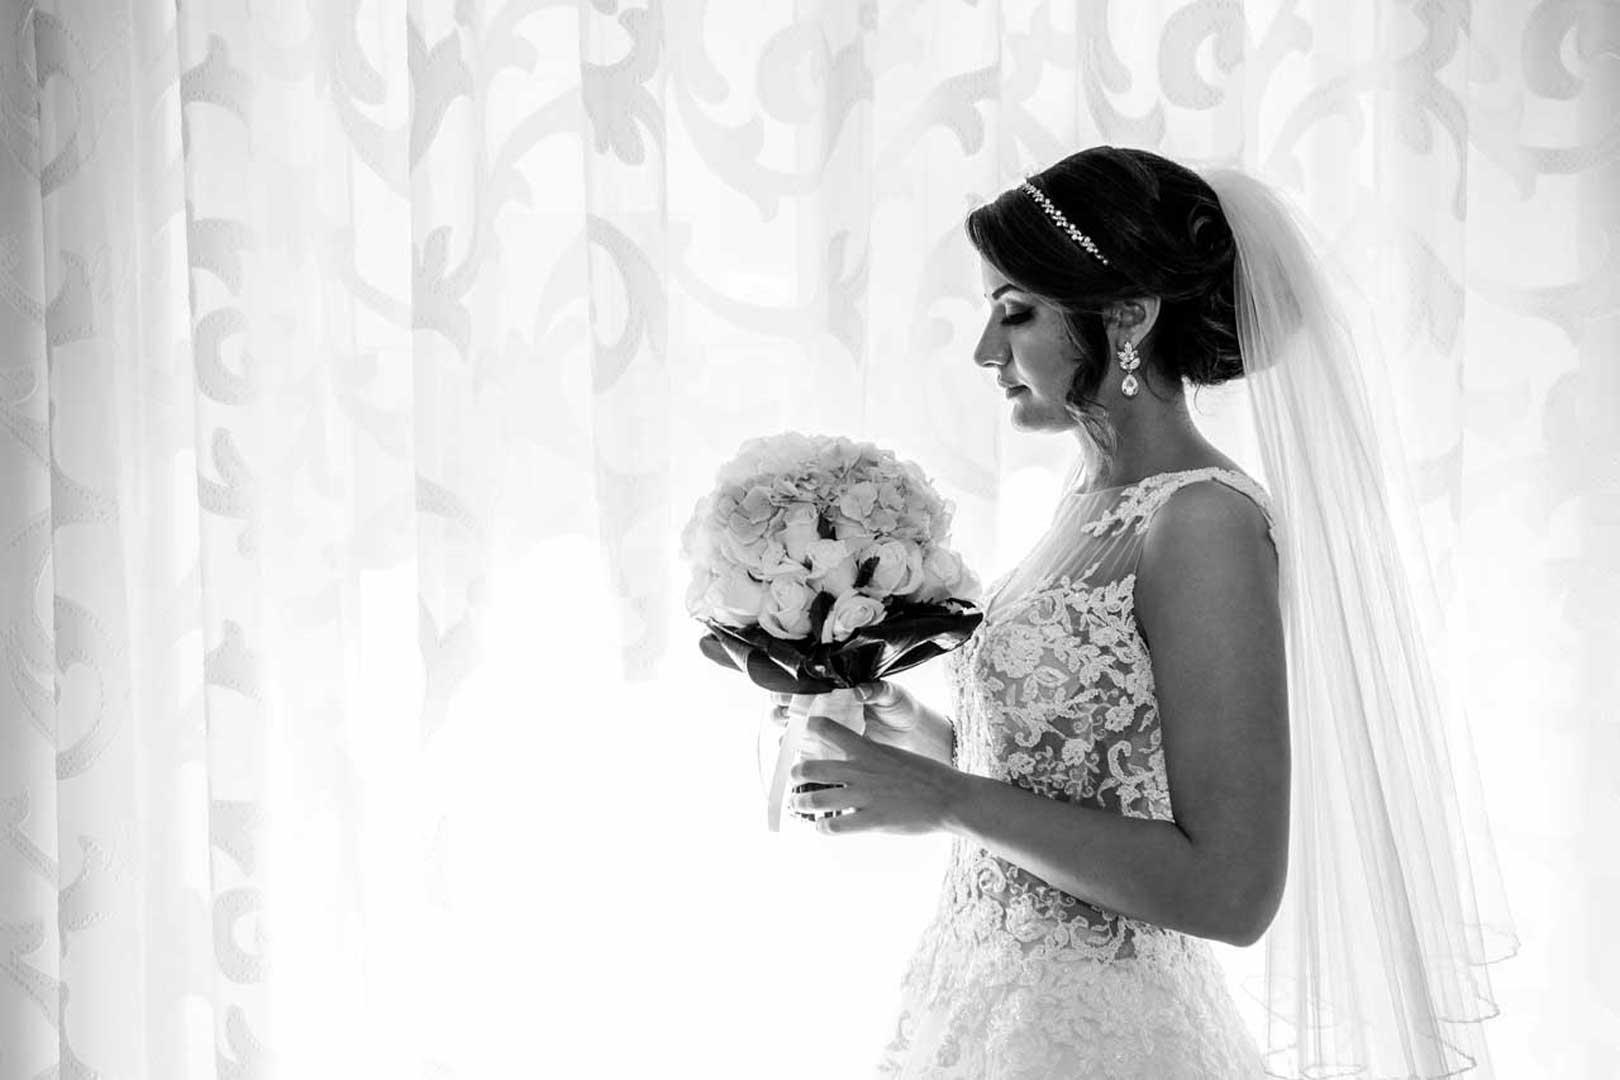 012-sposa-matrimonio-gianni-lepore-fotografo